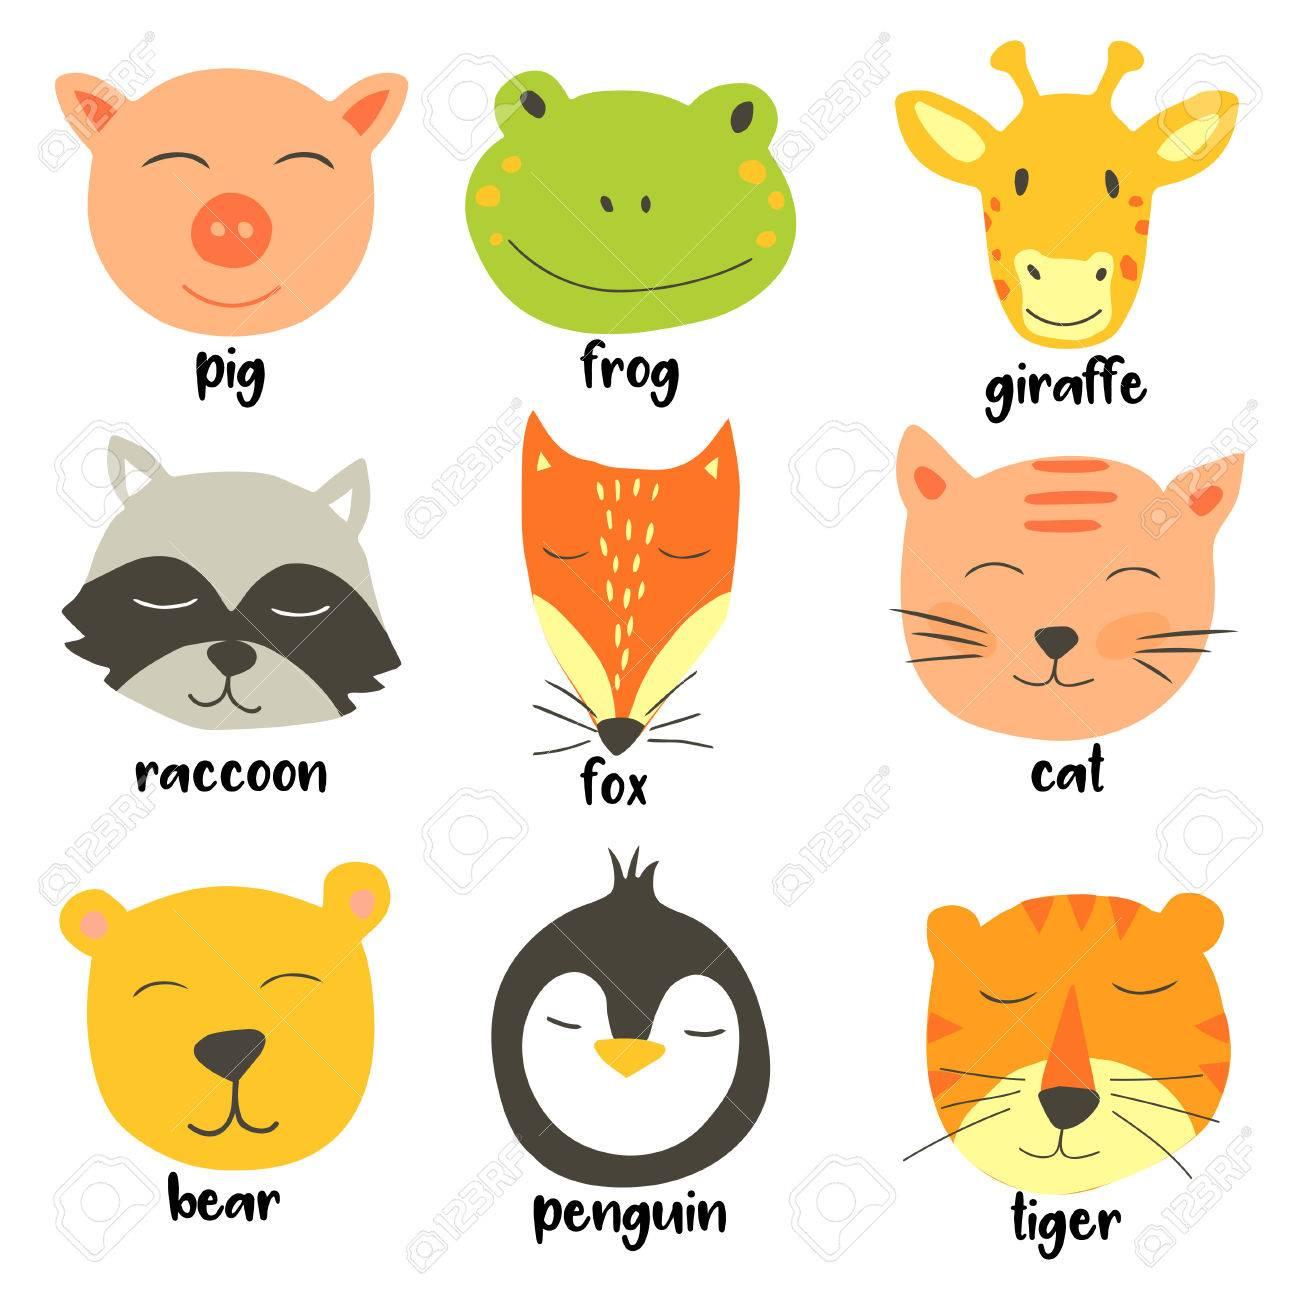 ベクトル動物顔のかわいいイラスト。子供のためのベクター クリップ